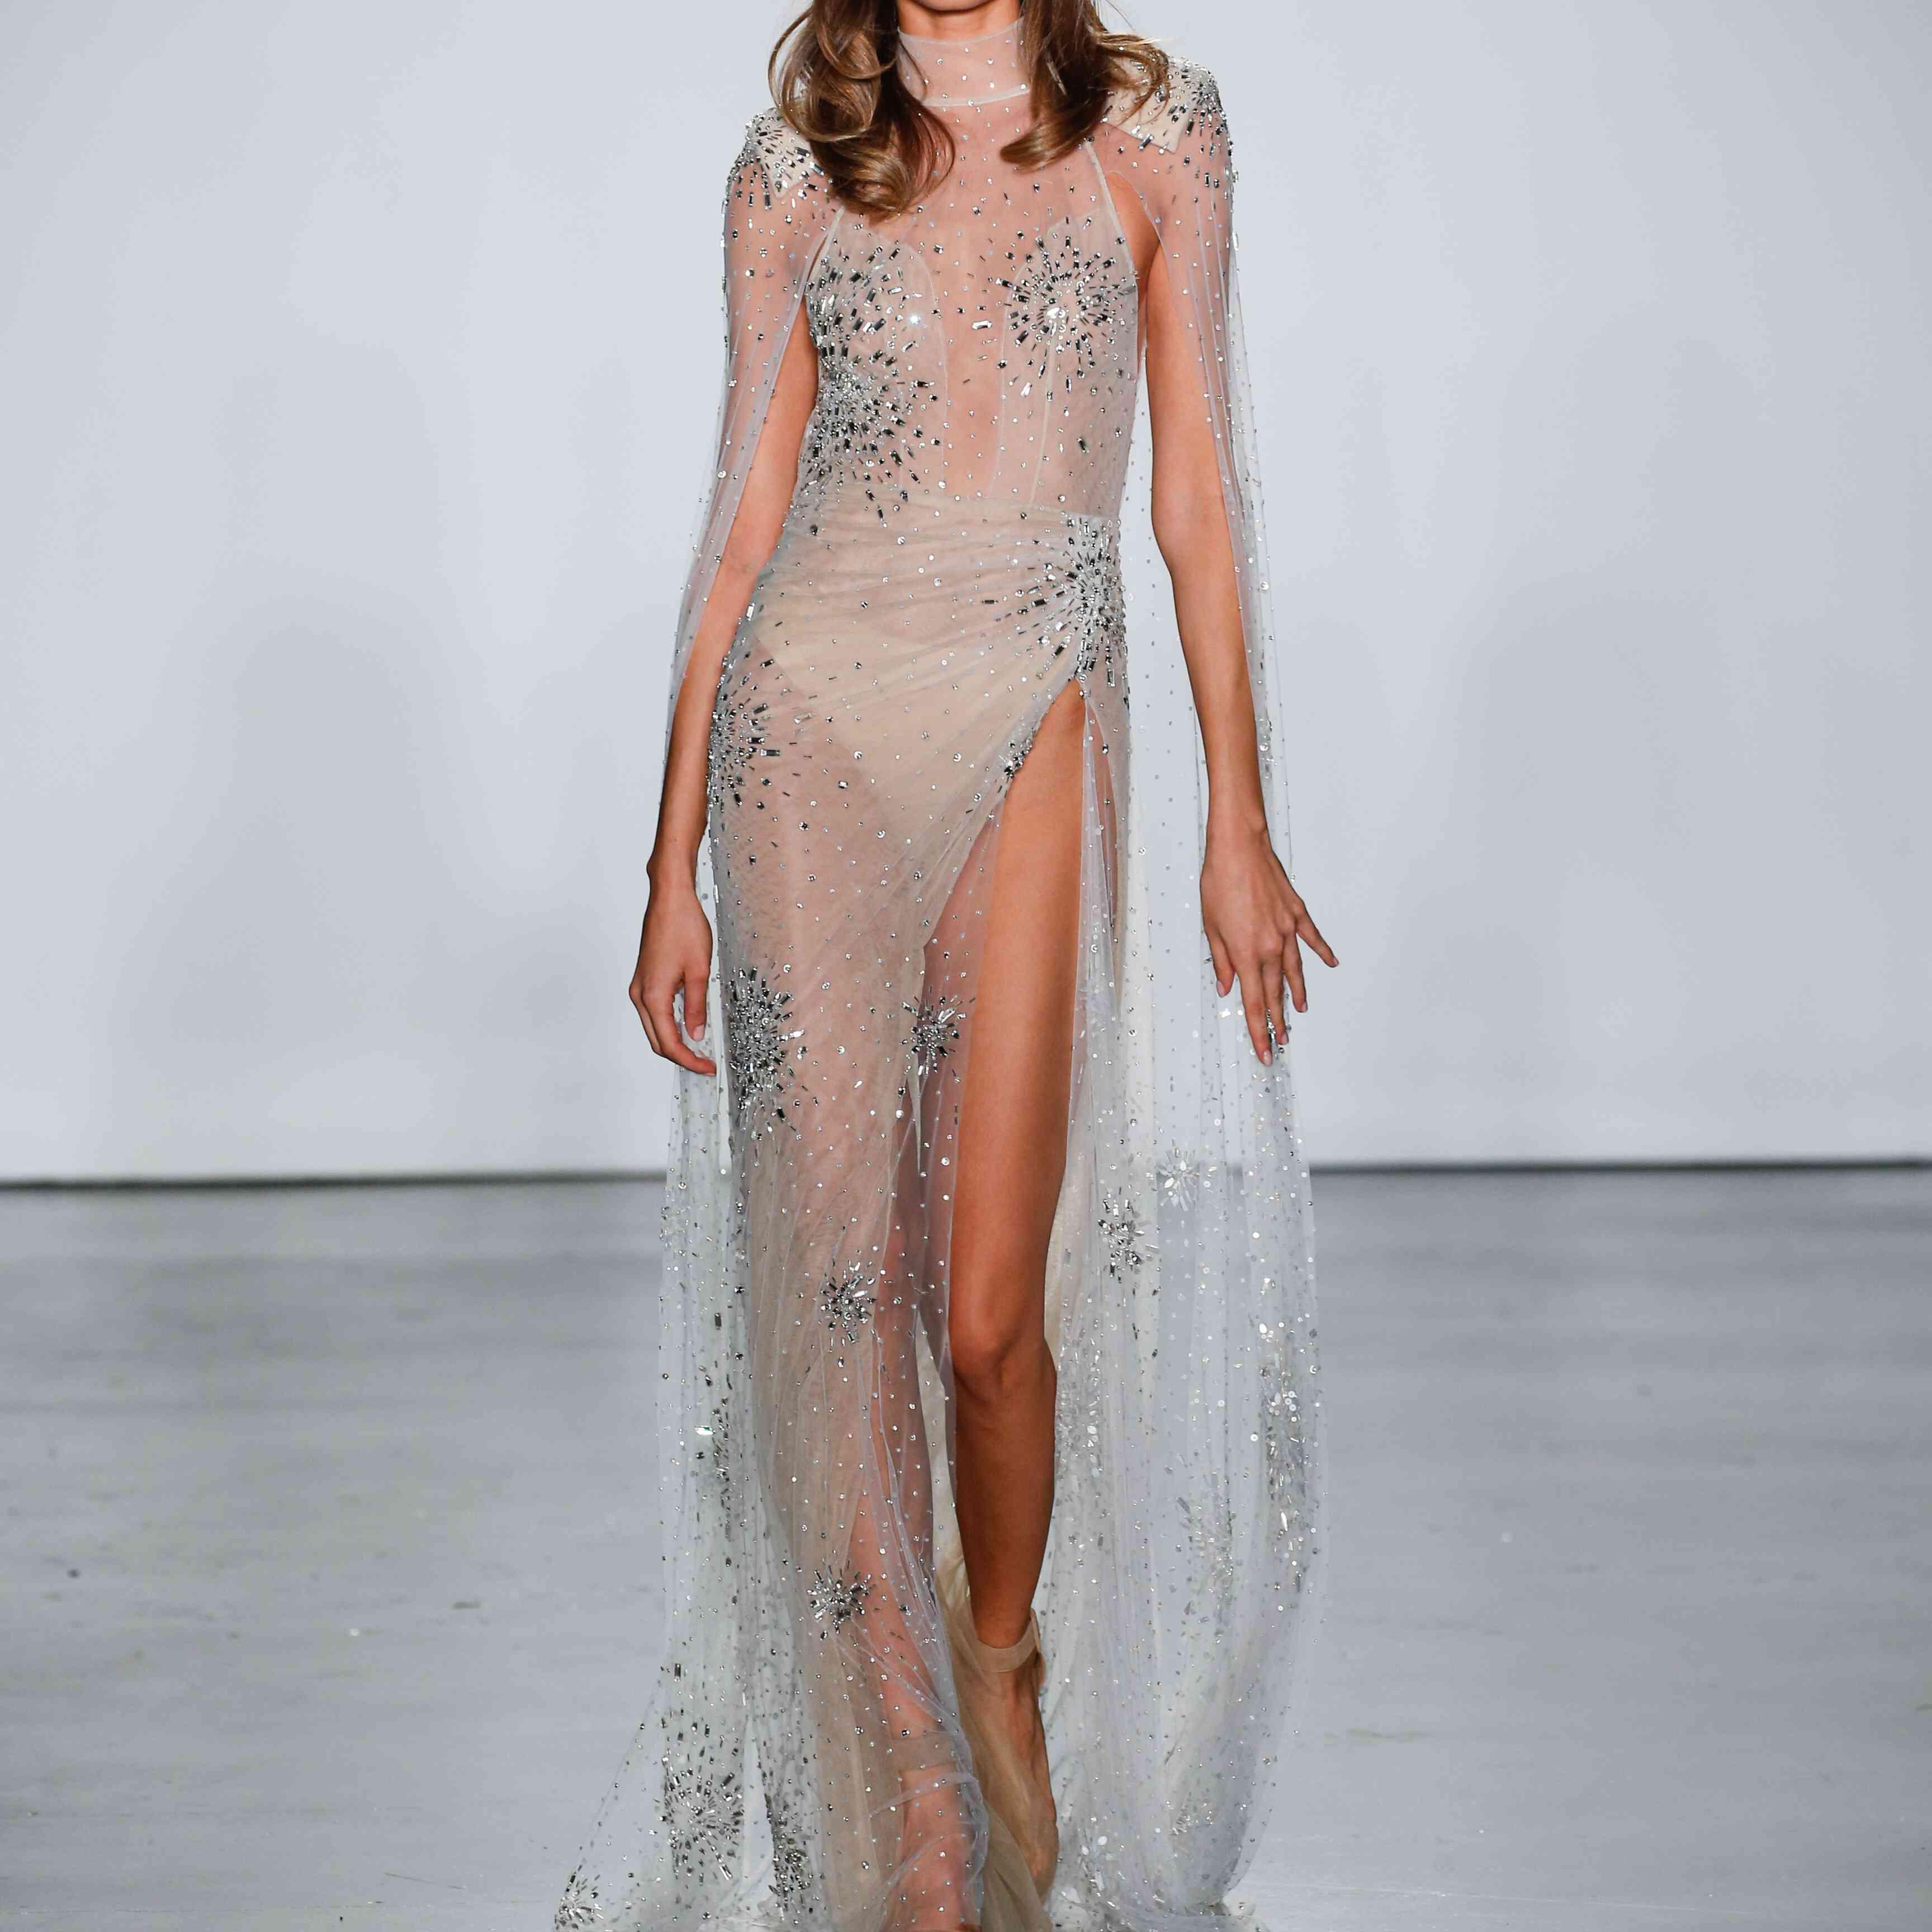 Model in tulle cape sheath wedding dress